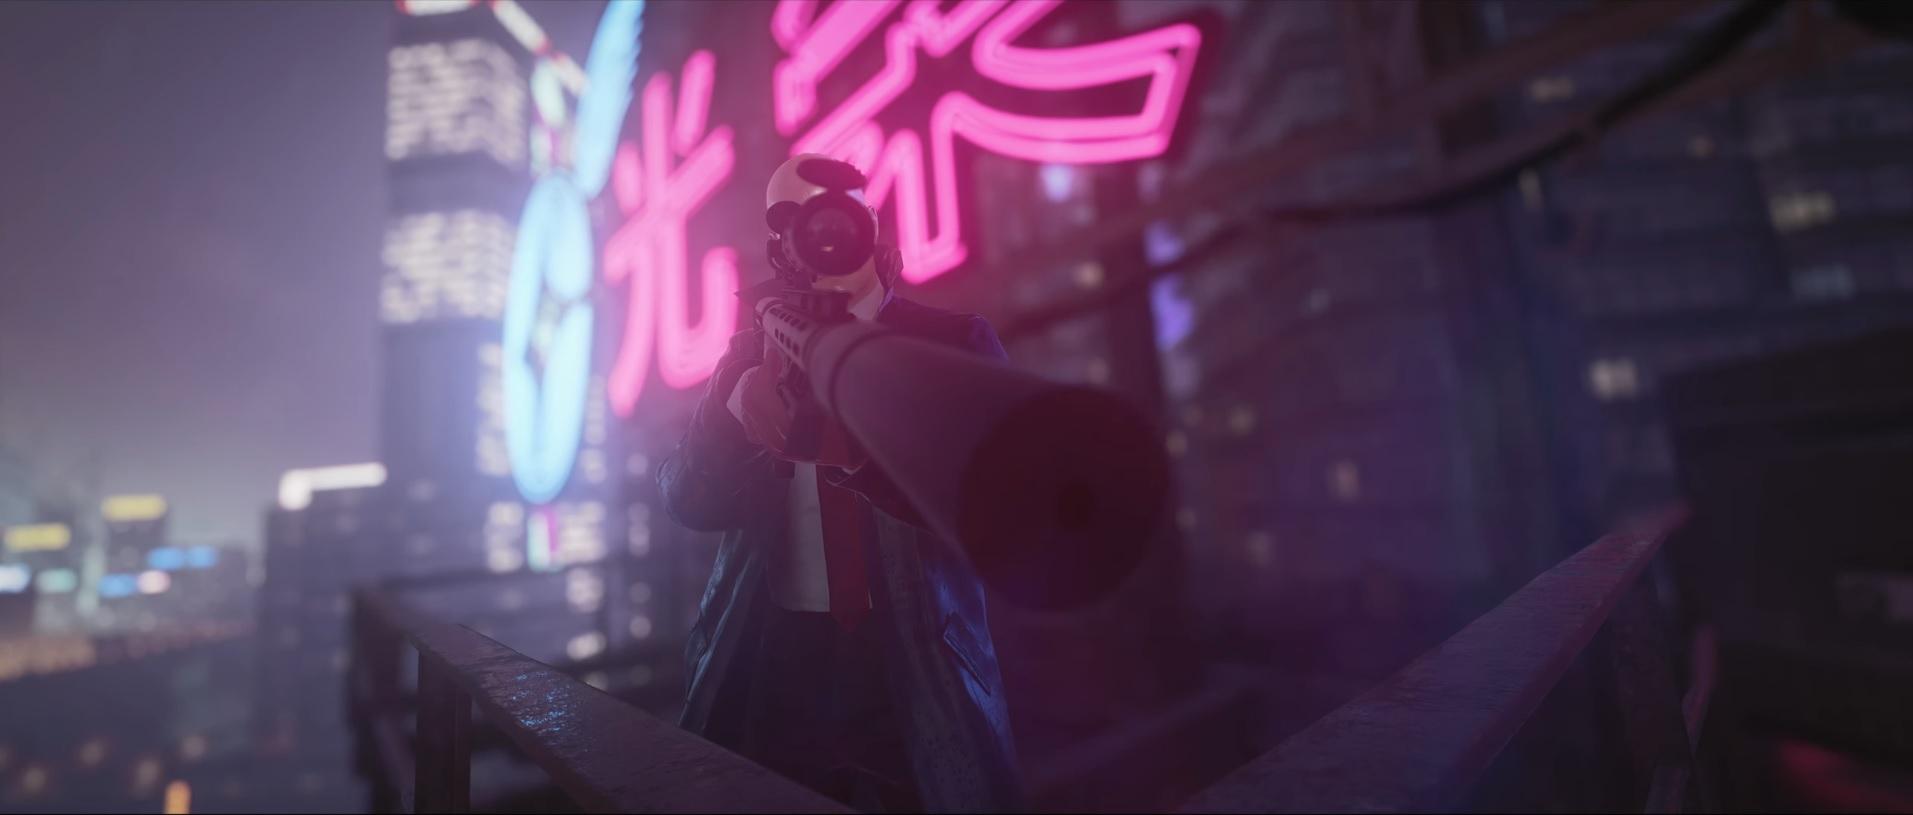 Představení Hitman 3 v nové ukázce 1 8